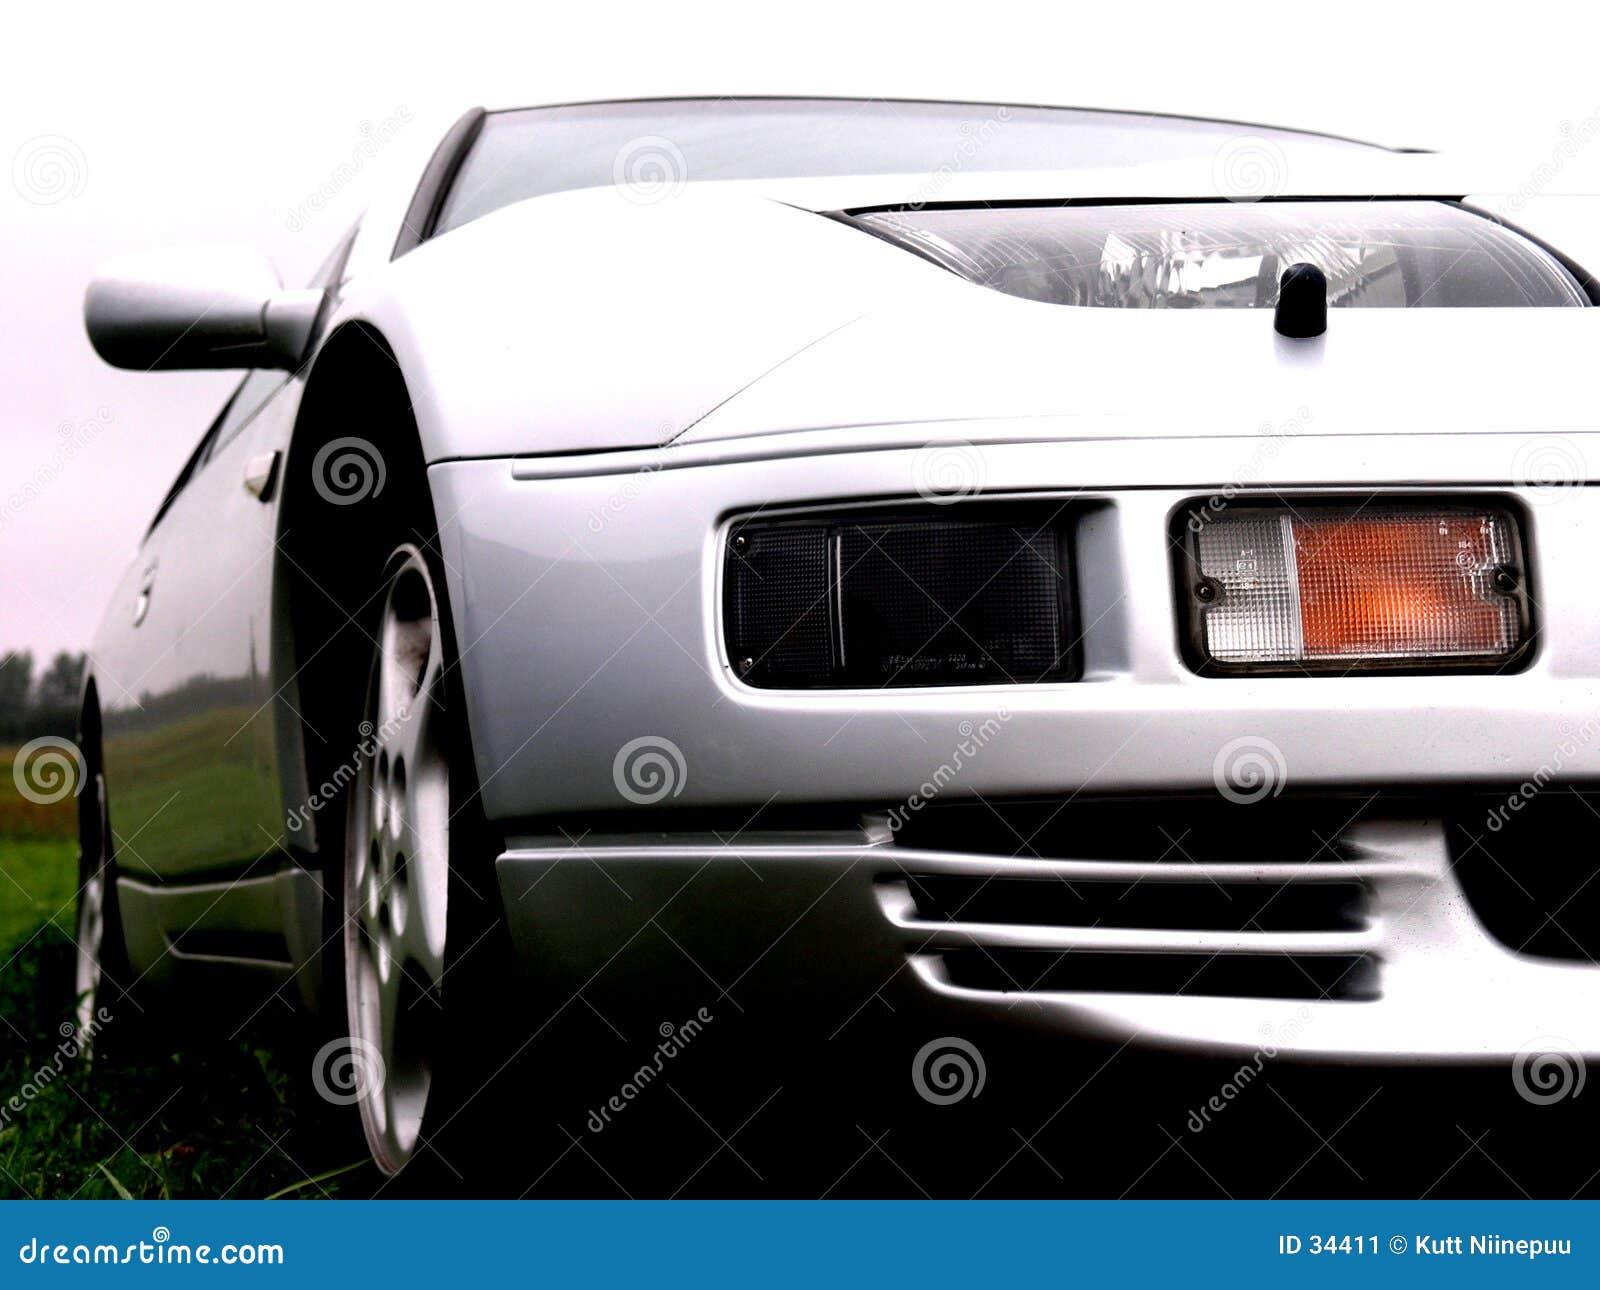 Light gray car